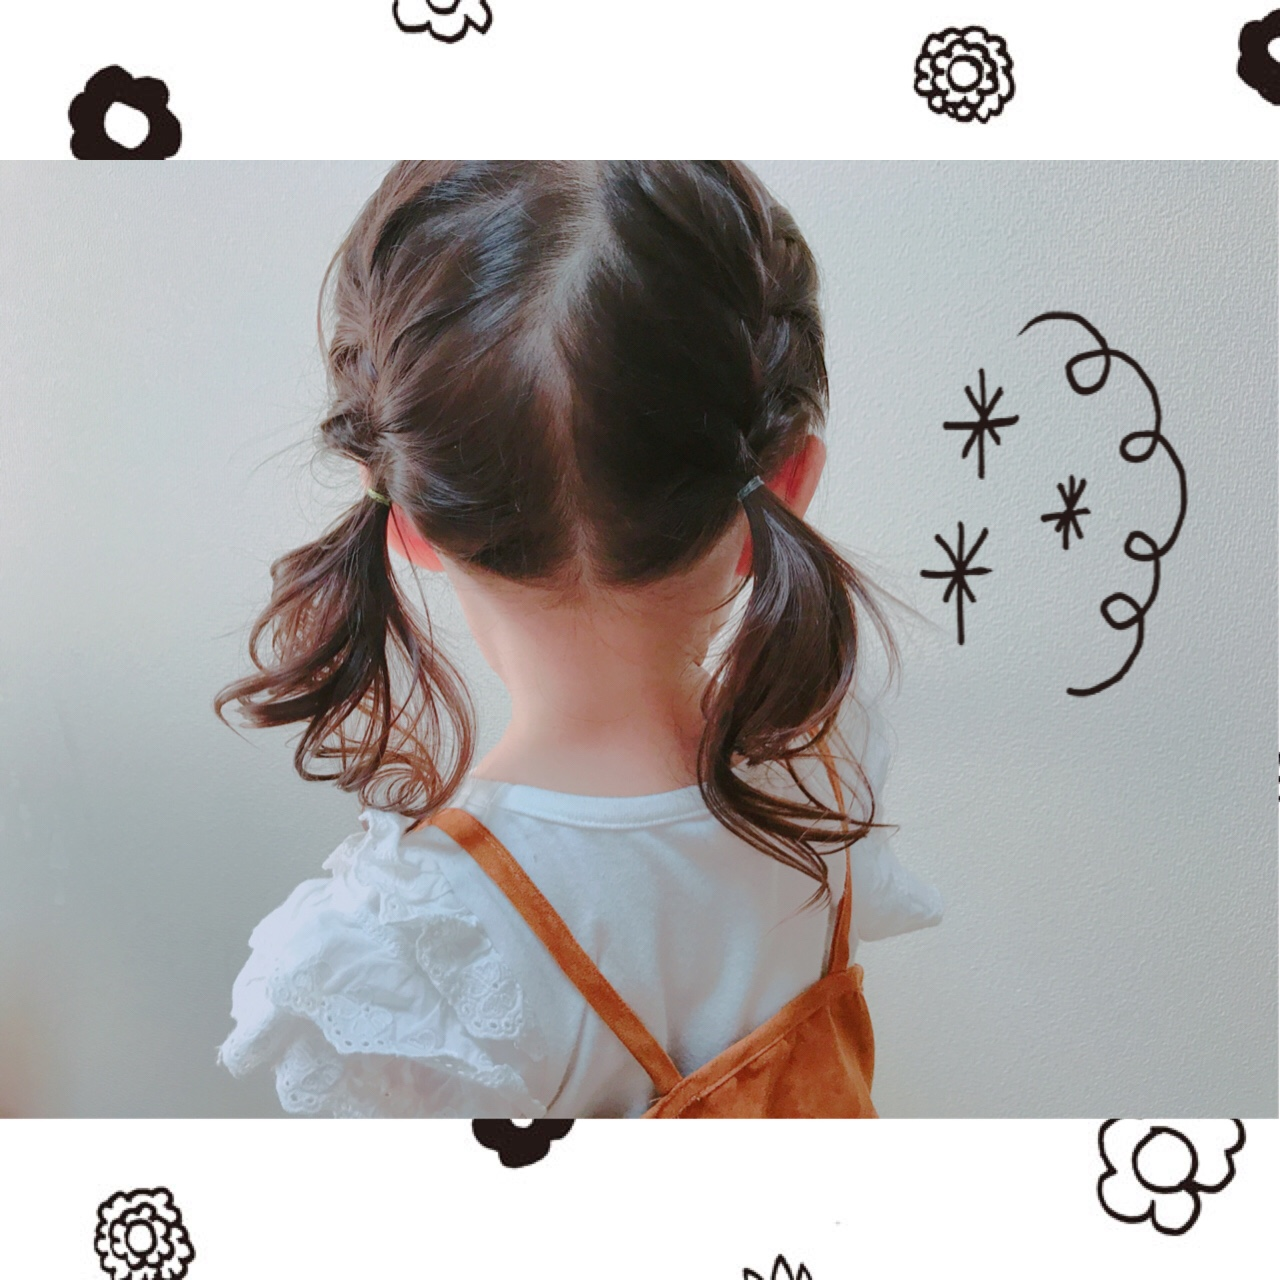 娘ちゃんのヘアアレンジにはまり中 編み込みツインテールで